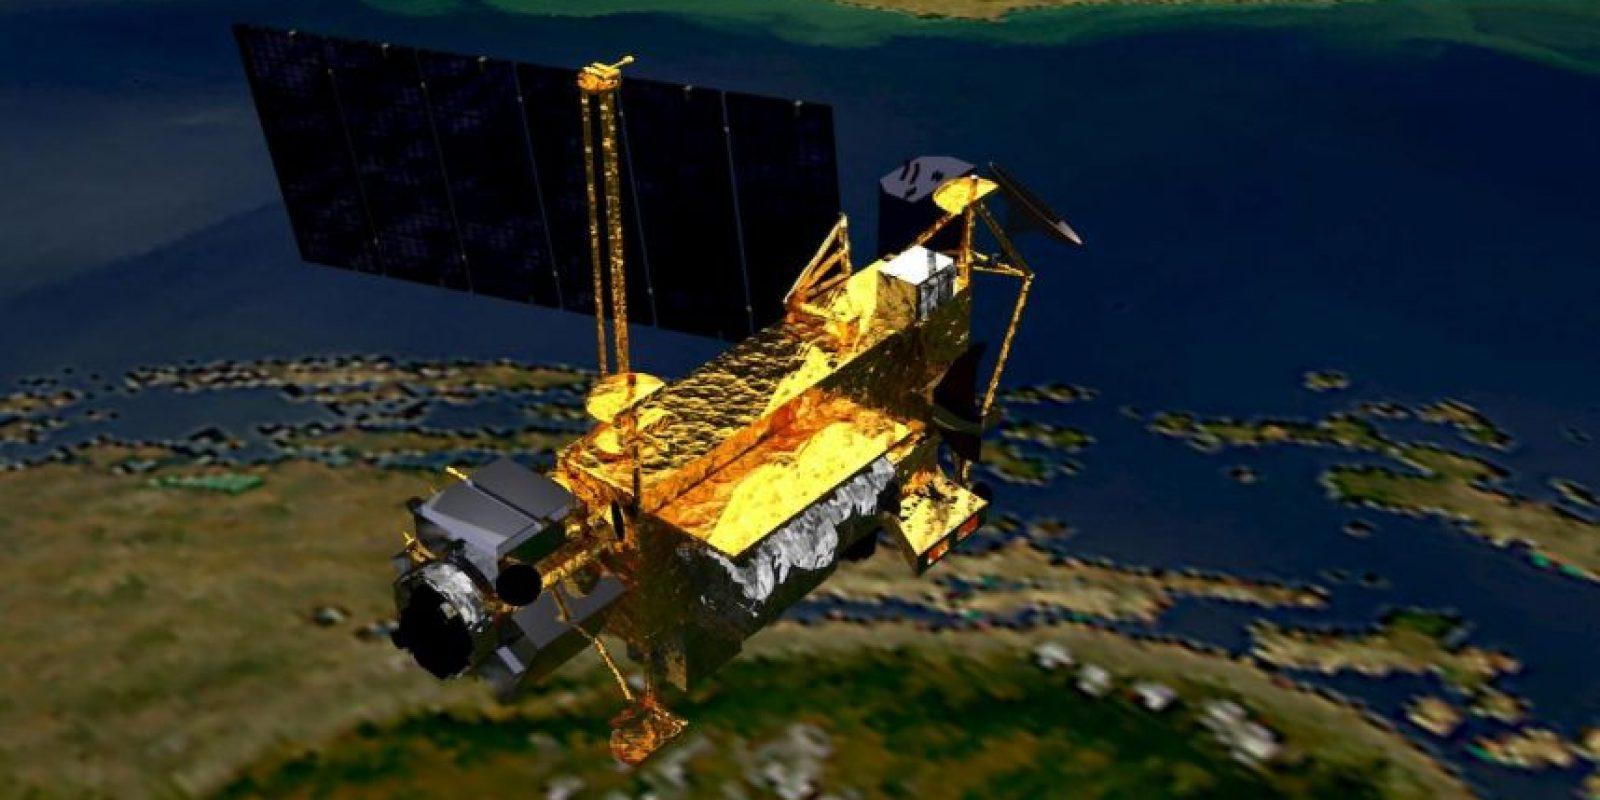 lgunos de esos desechos son muy grandes, como las etapas quemadas de los cohetes, los satélites inutilizados y algunas herramientas que se pierden en los paseos espaciales. Foto:Getty Images